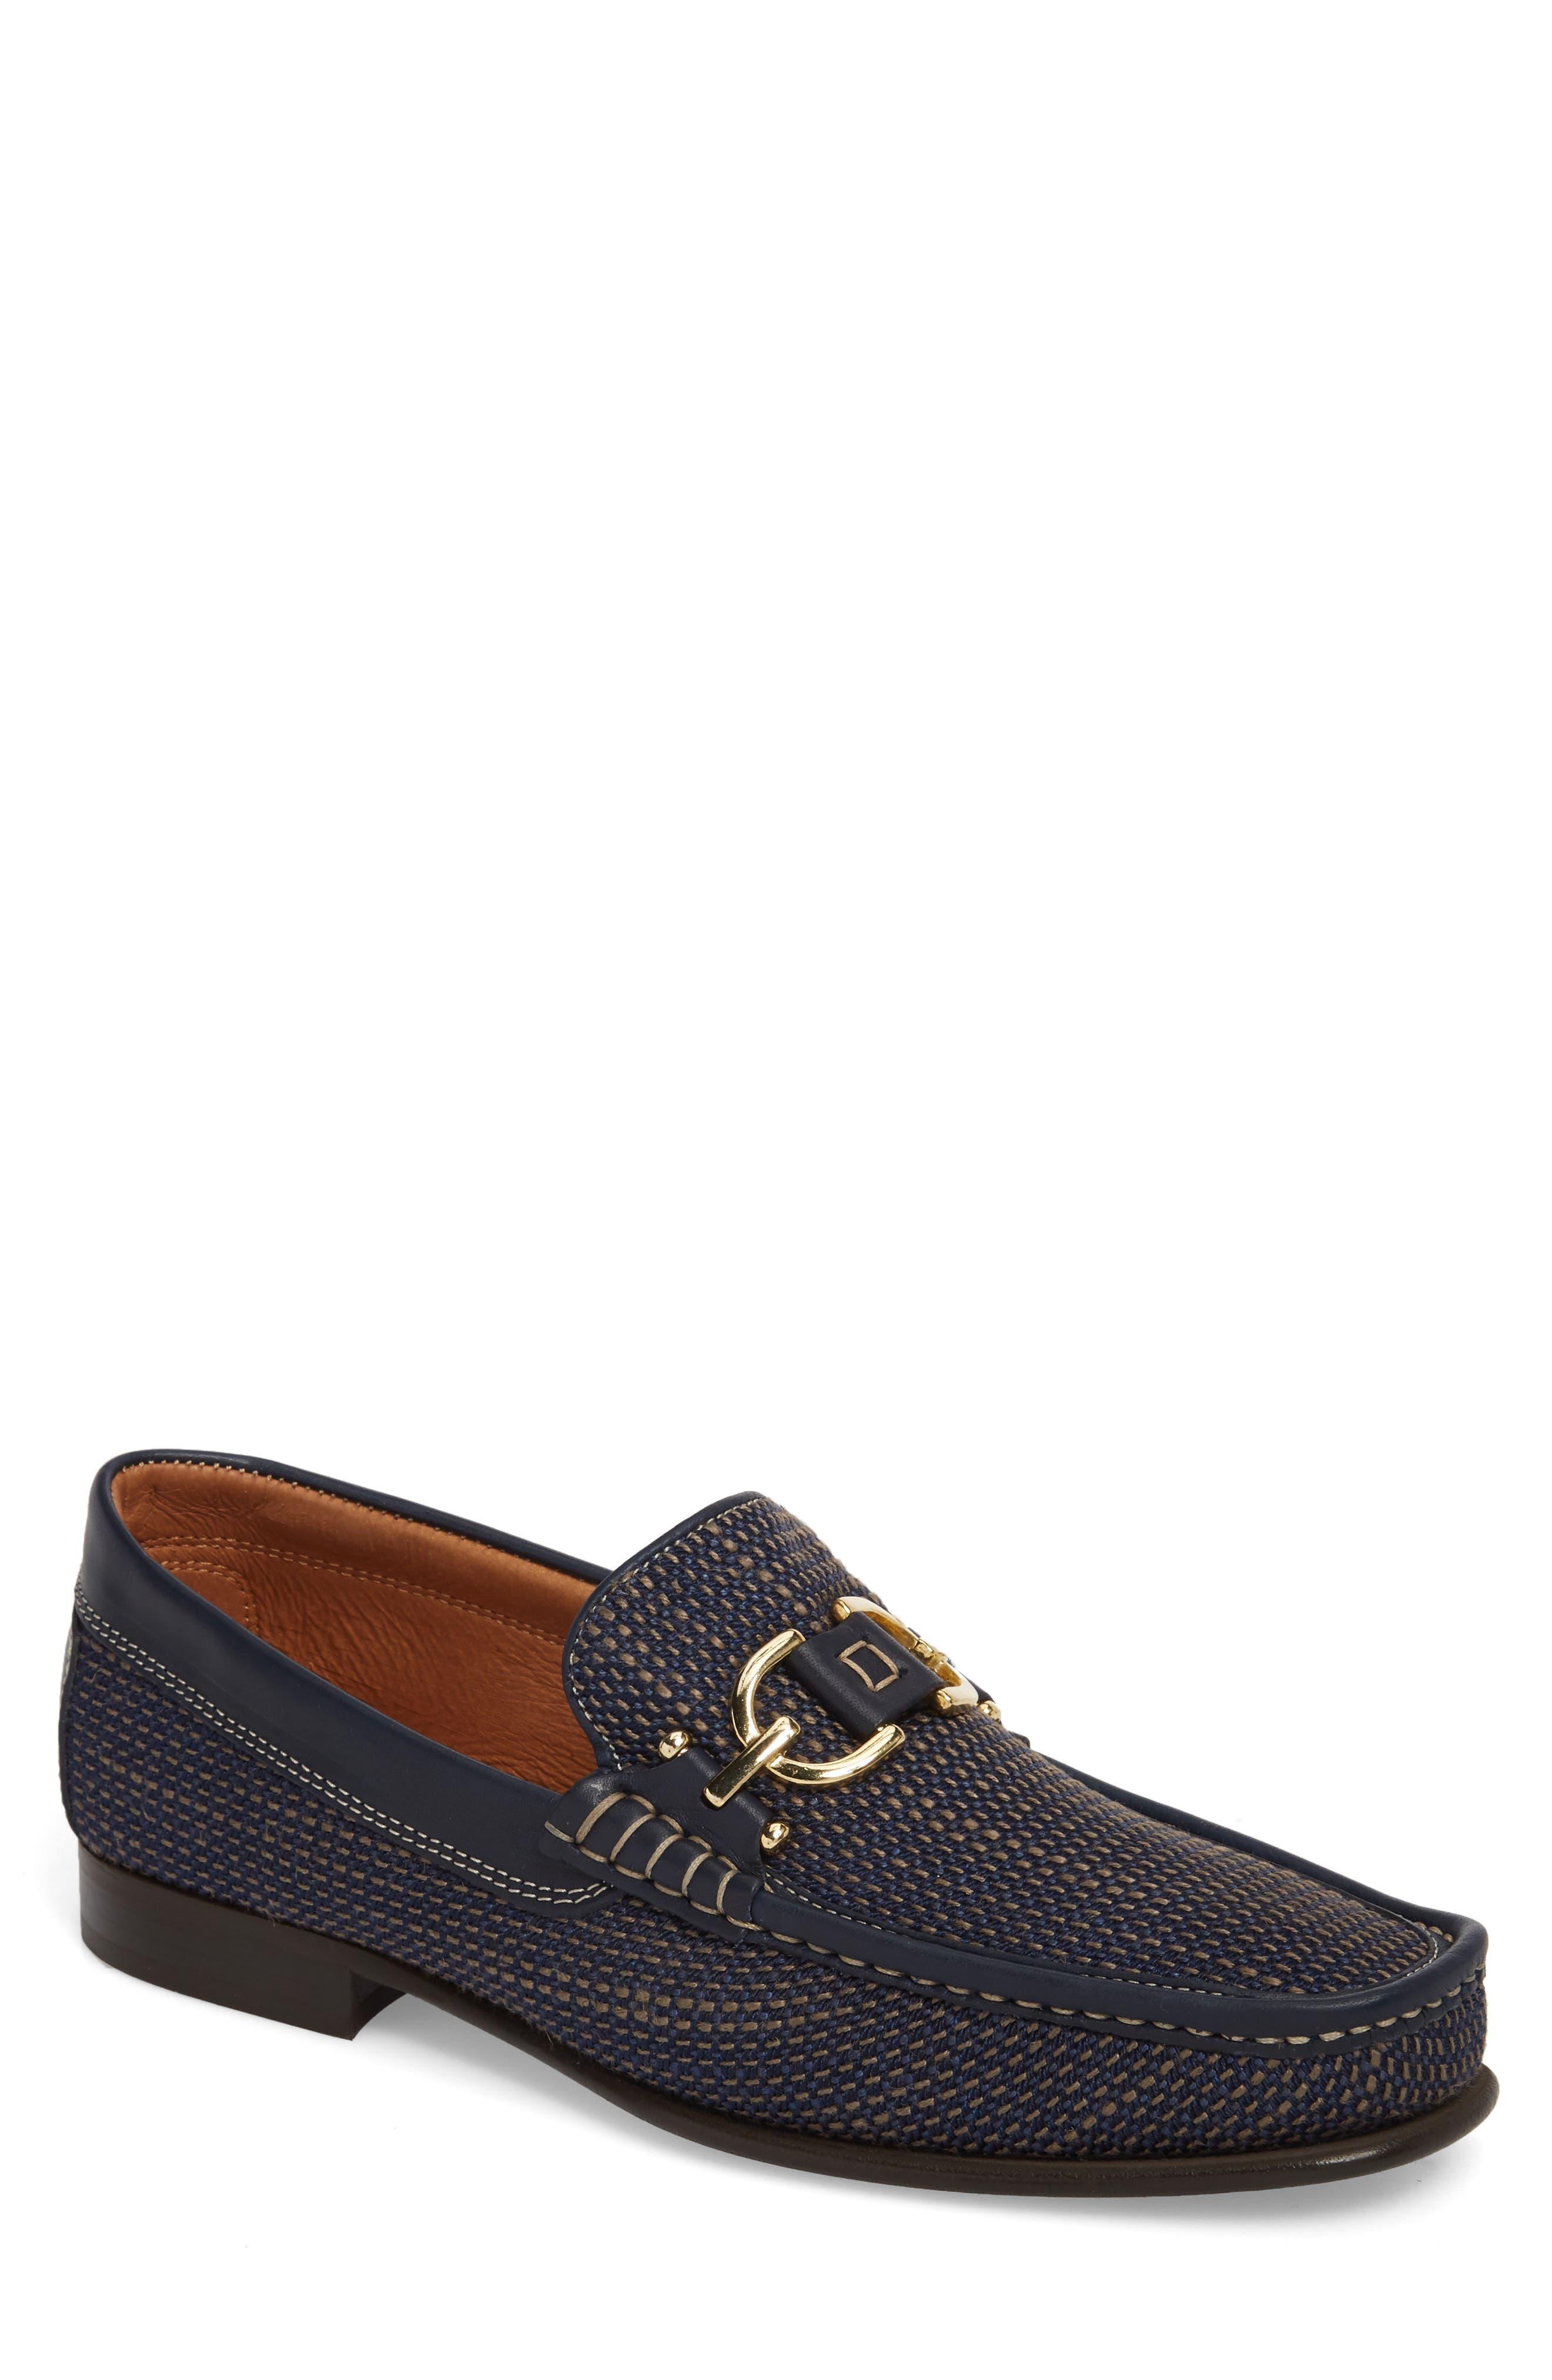 Dacio Woven Bit Loafer,                         Main,                         color, 403